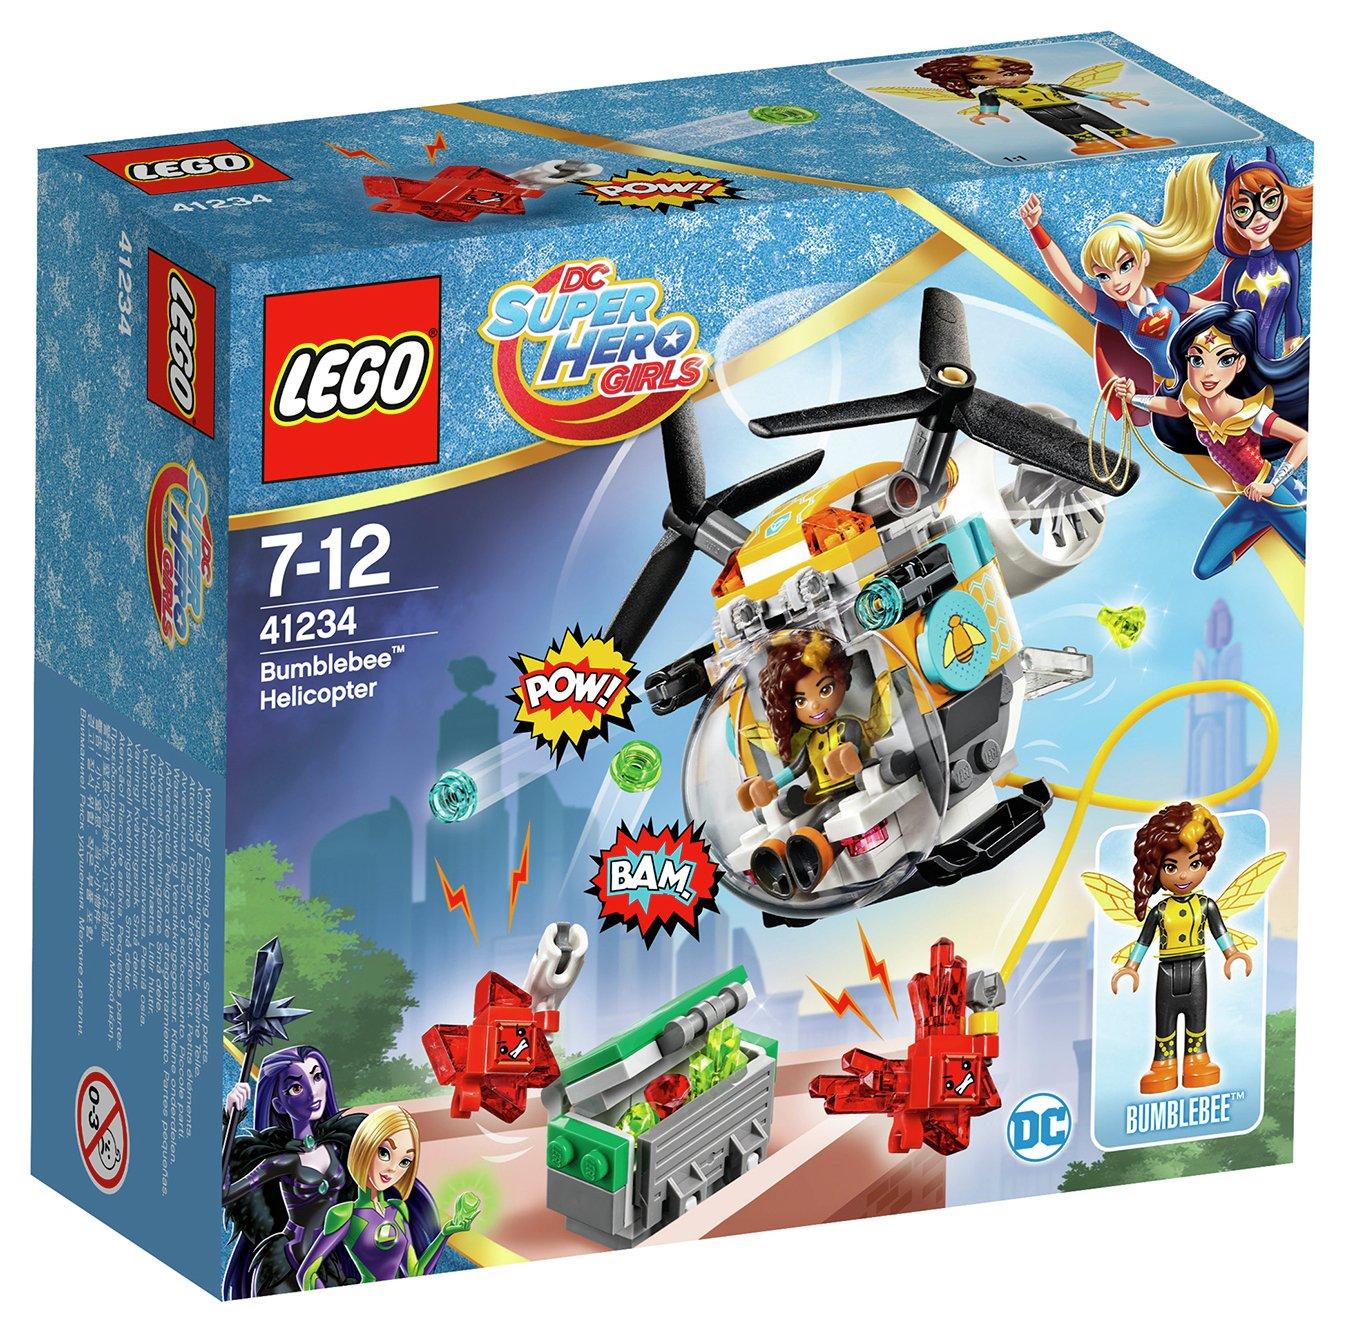 LEGO Bumblebee Helicopter - 41234.